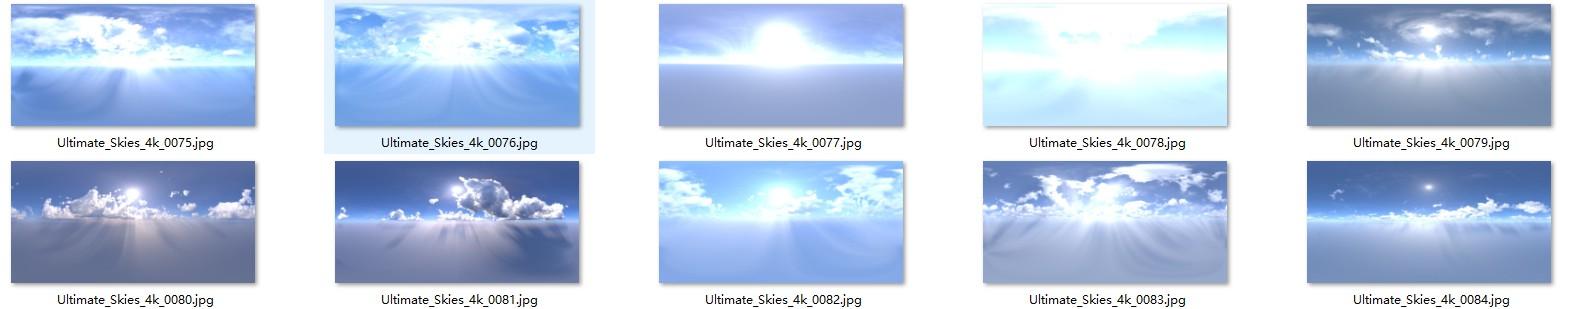 Agancg_HDR_Ultimate_Skies04